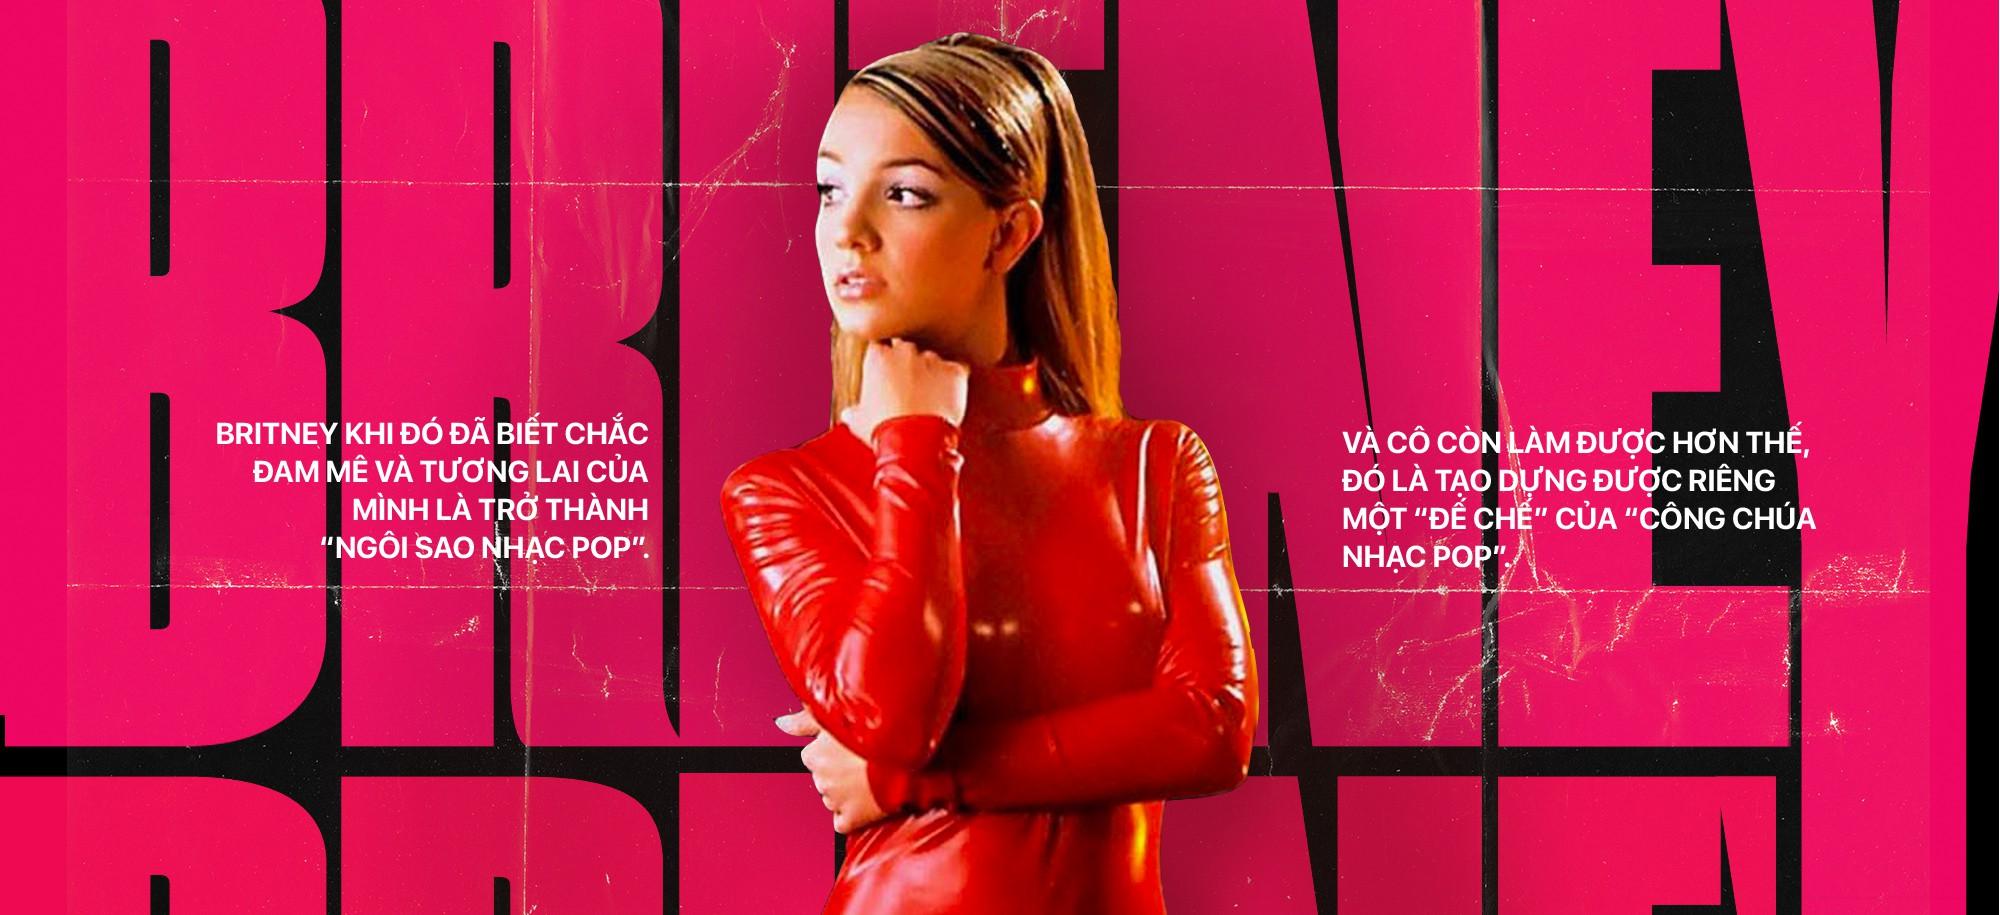 Britney Spears: Nàng công chúa vĩ đại nhất của nhạc pop, 20 năm trước bây giờ vẫn vậy - Ảnh 11.